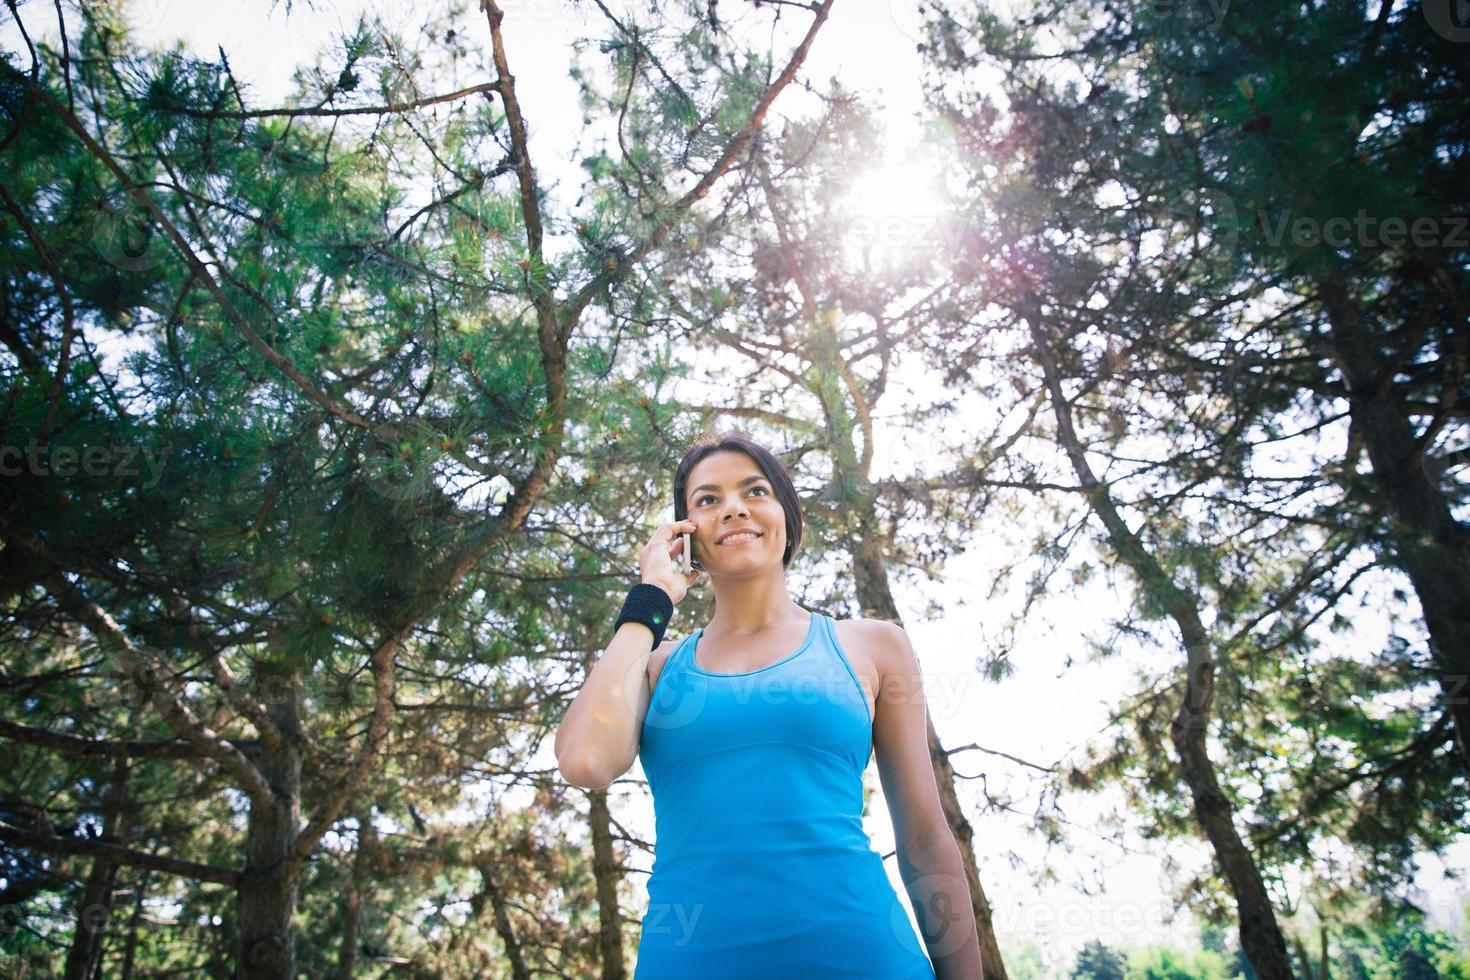 femme sportive parlant au téléphone à l'extérieur photo